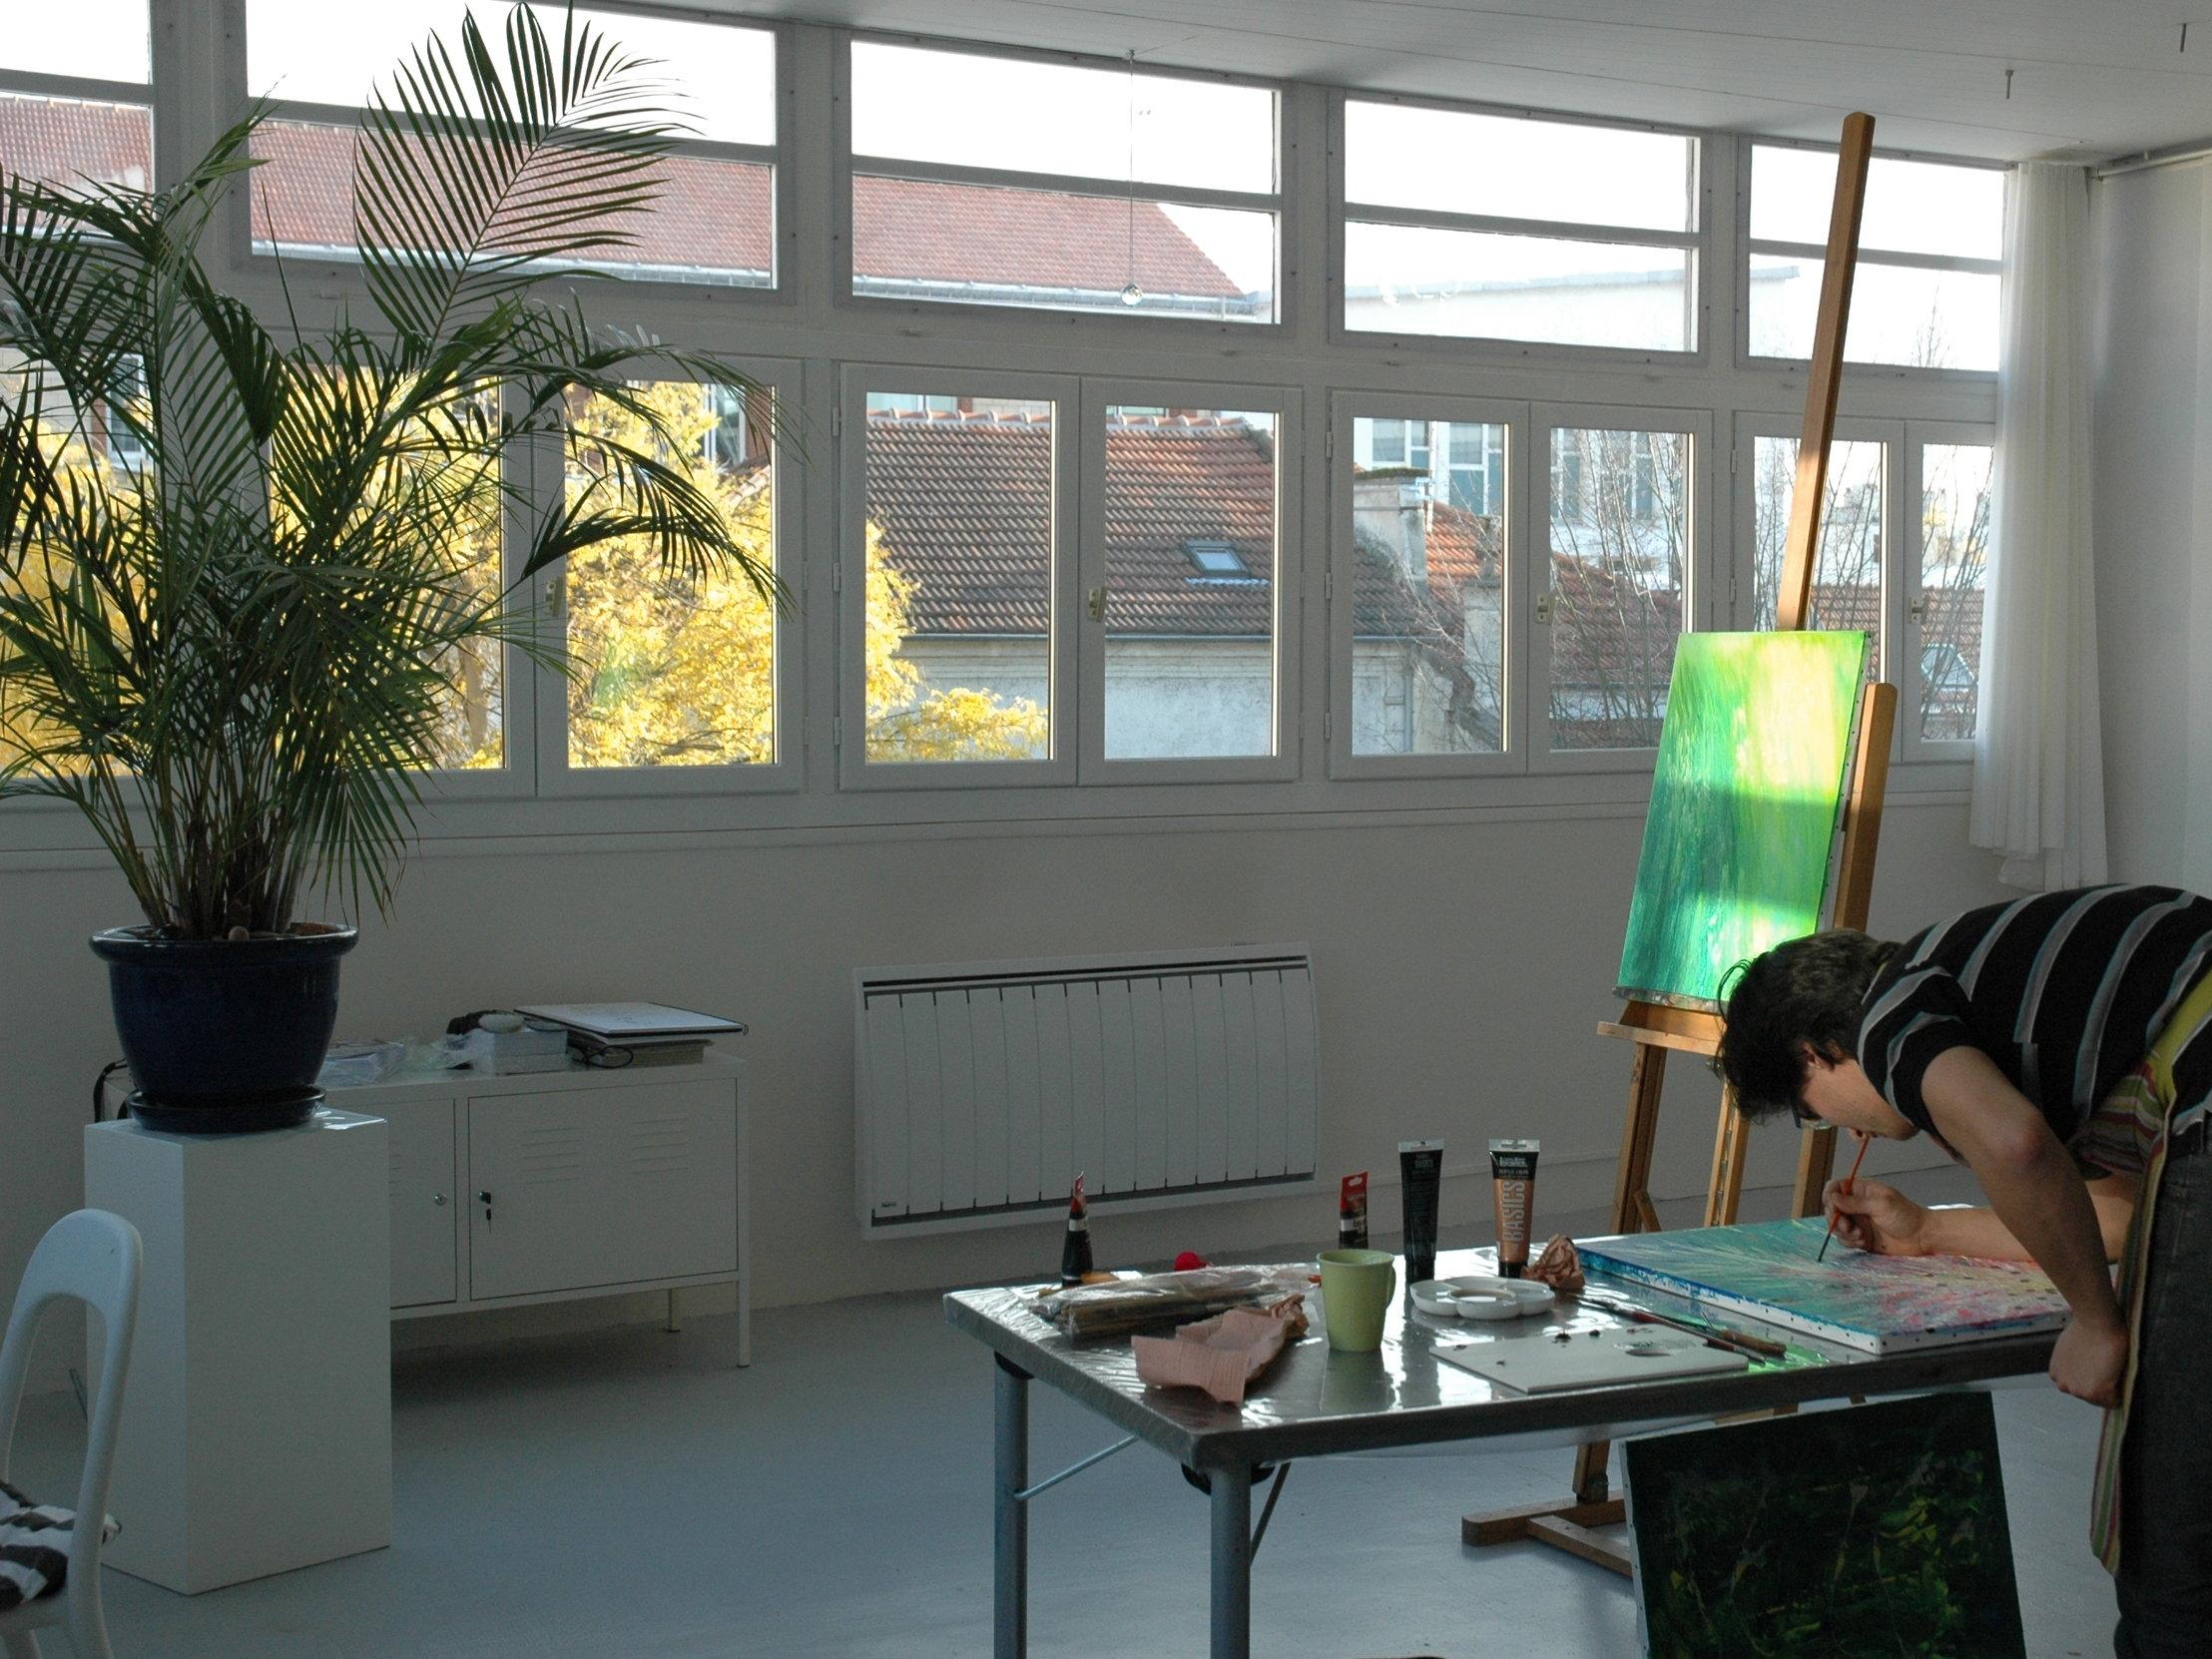 atelier-artien-cours-stages-peinture-paris-fontenay-sous-bois-vincennes-montreuil.jpg